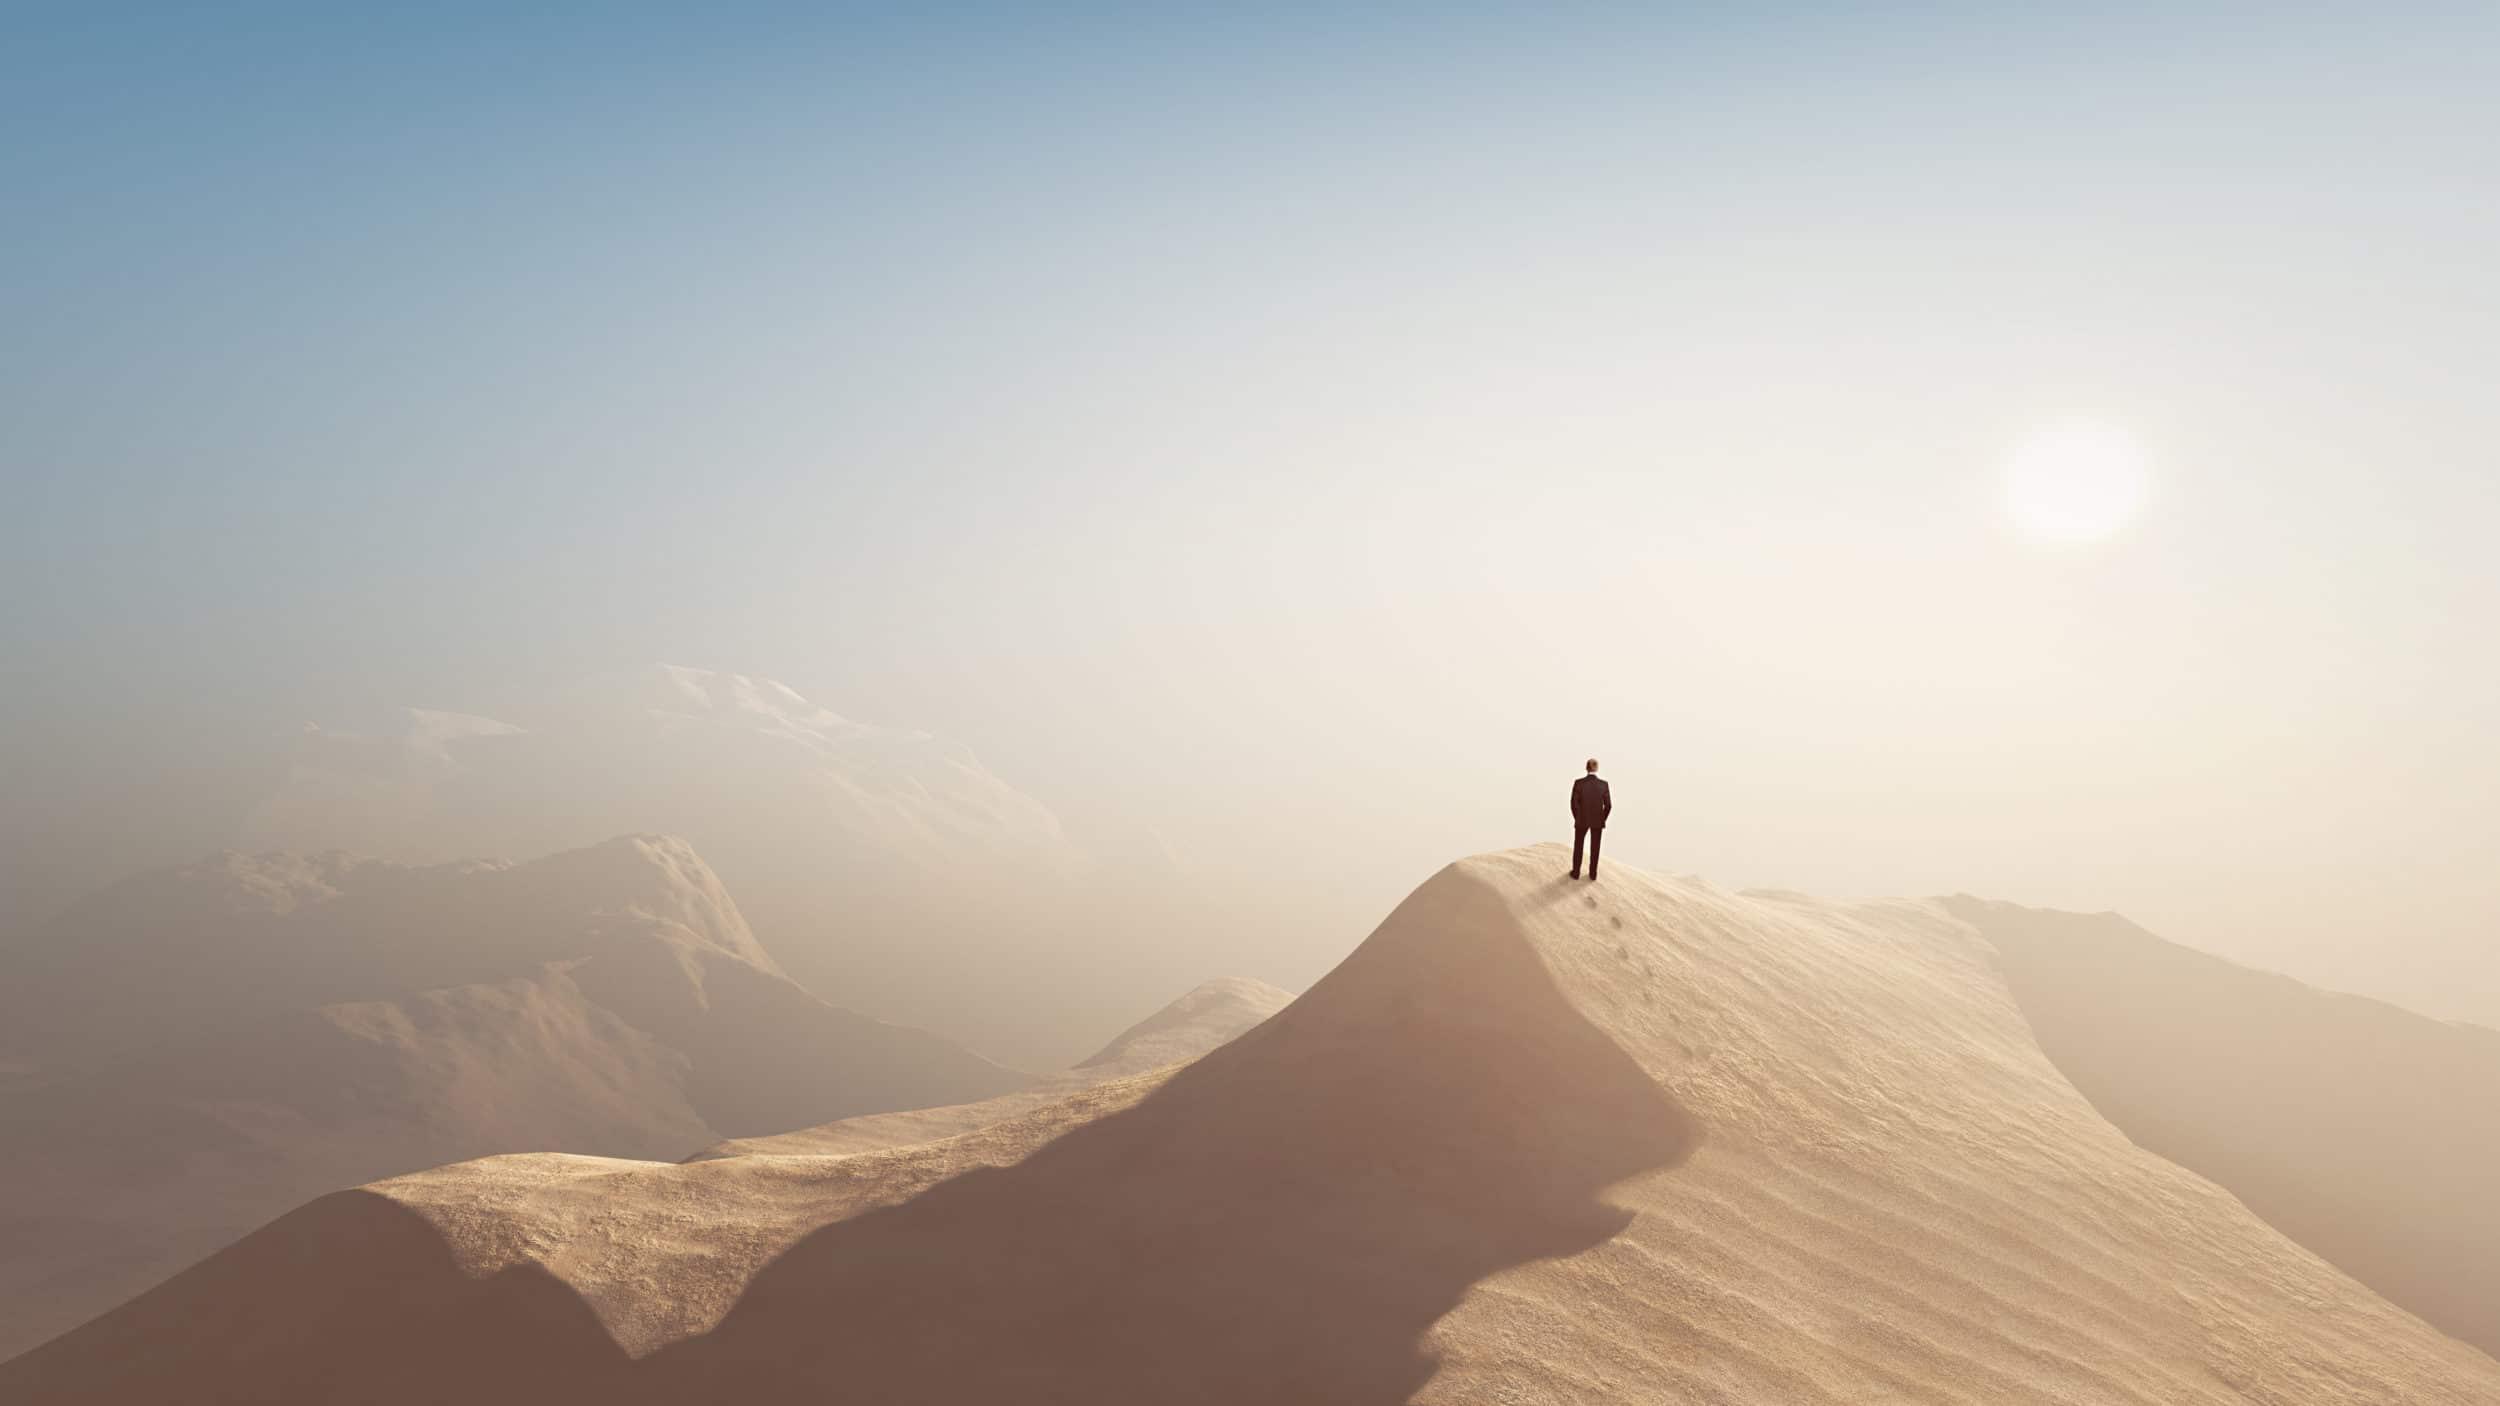 Eenzaam, achtergelaten, uitzichtloos. Wat kan God daar ooit mee van plan zijn? Hosea 2